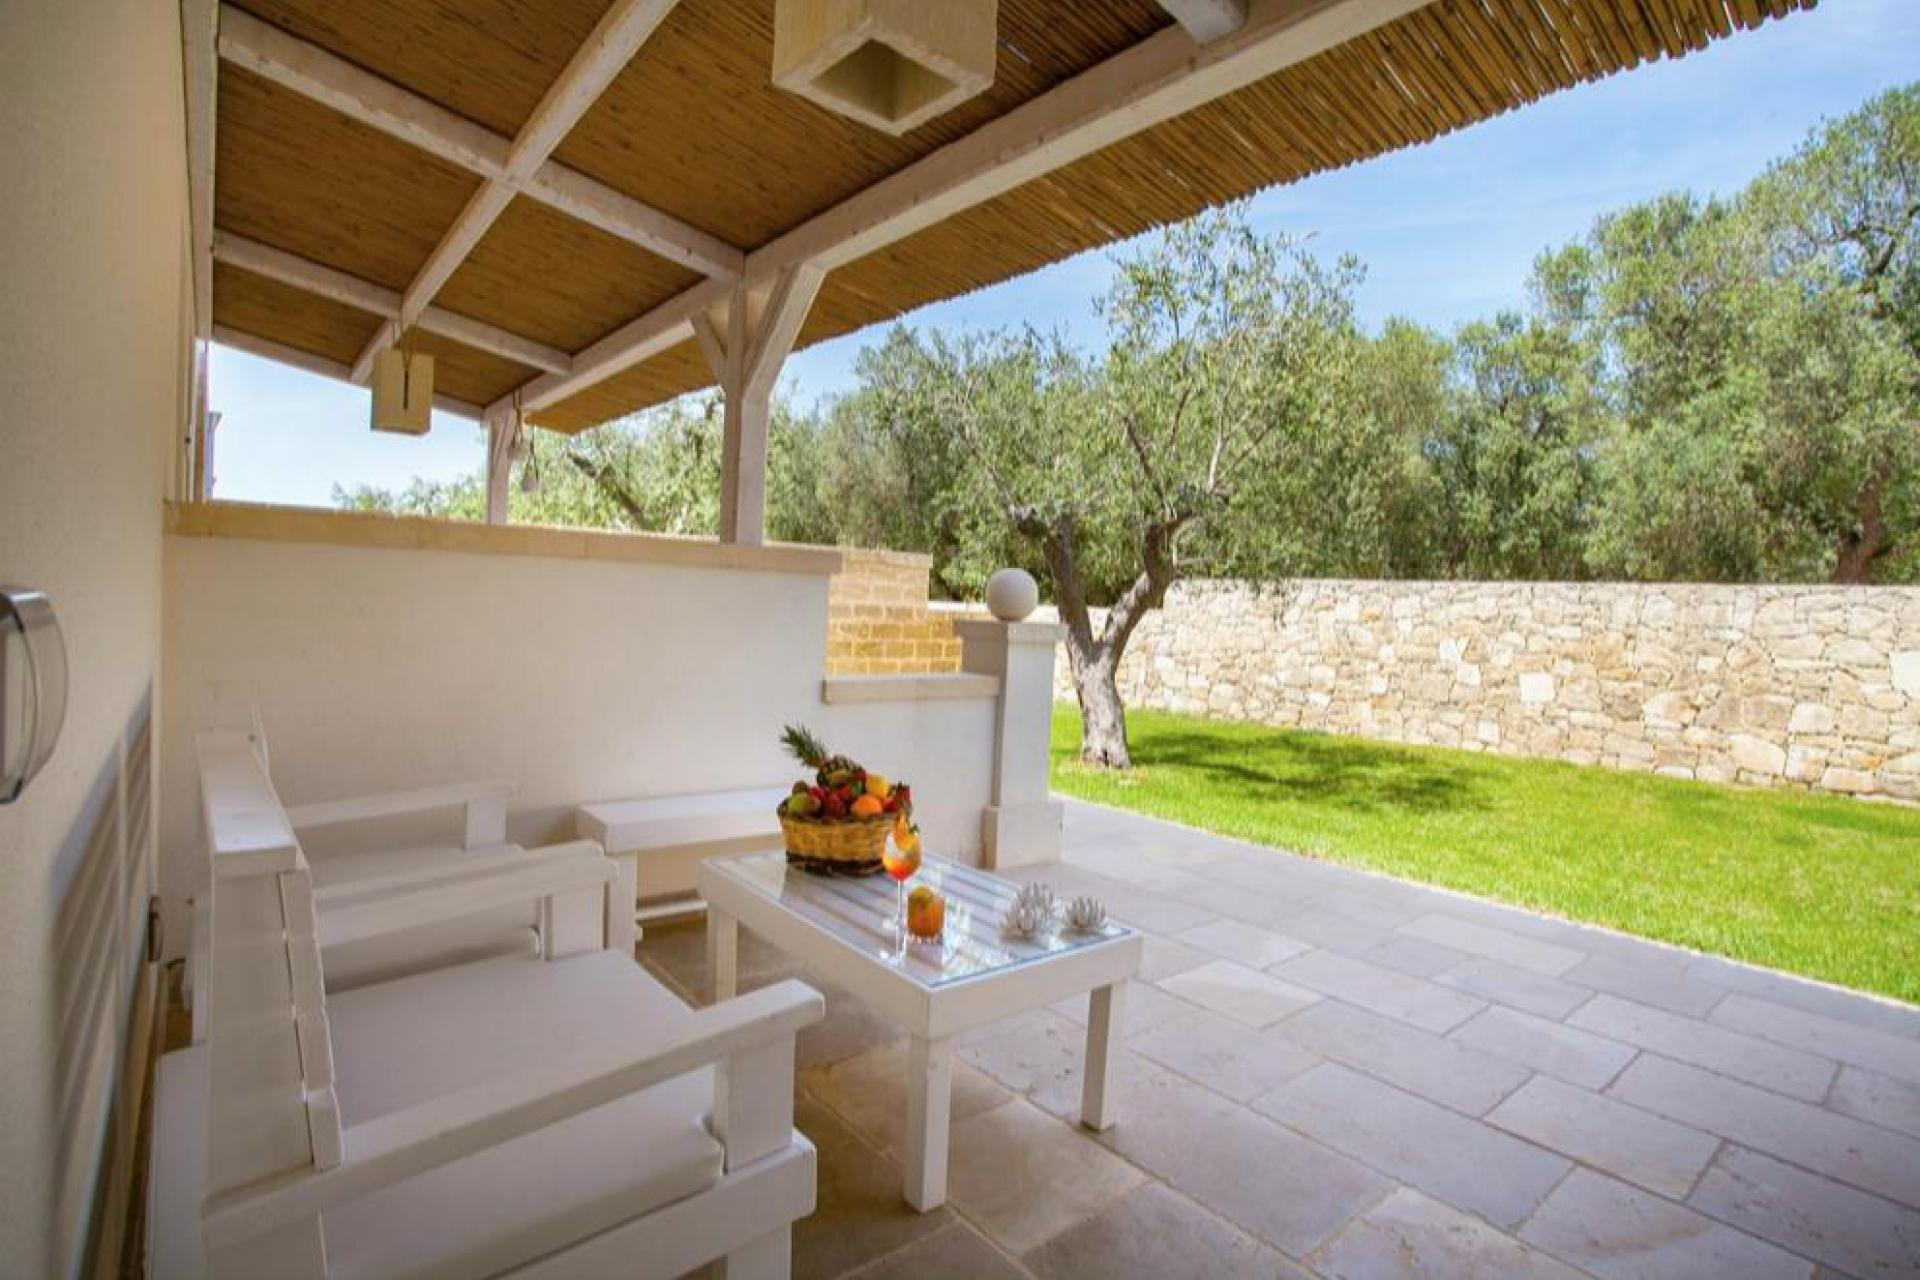 Agriturismo Puglia Agriturismo in Puglia, luxury and hospitality